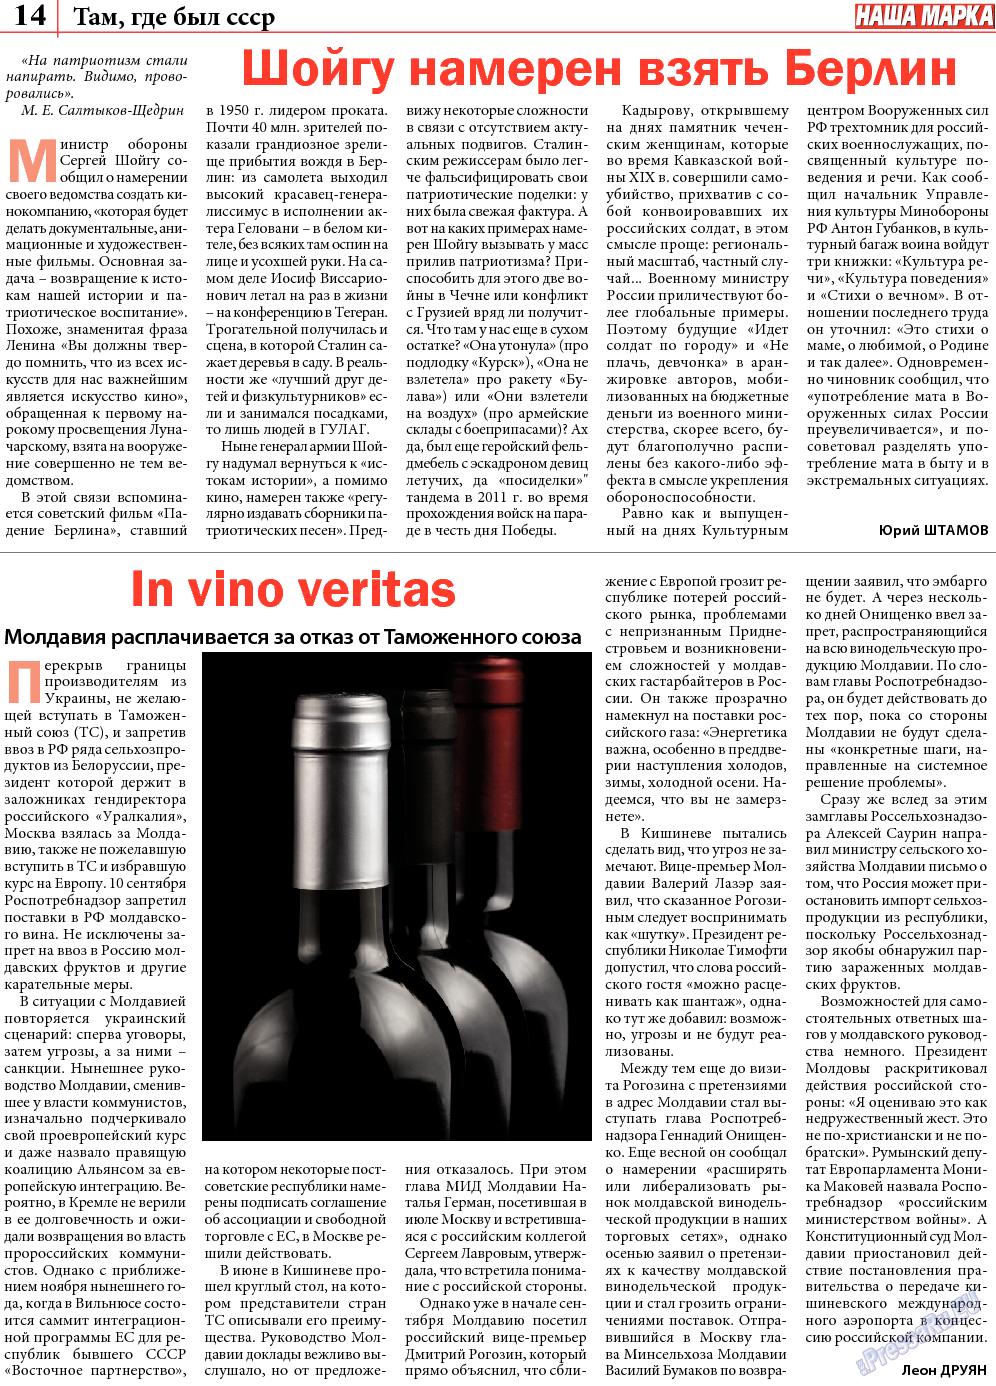 Наша марка (газета). 2013 год, номер 10, стр. 14